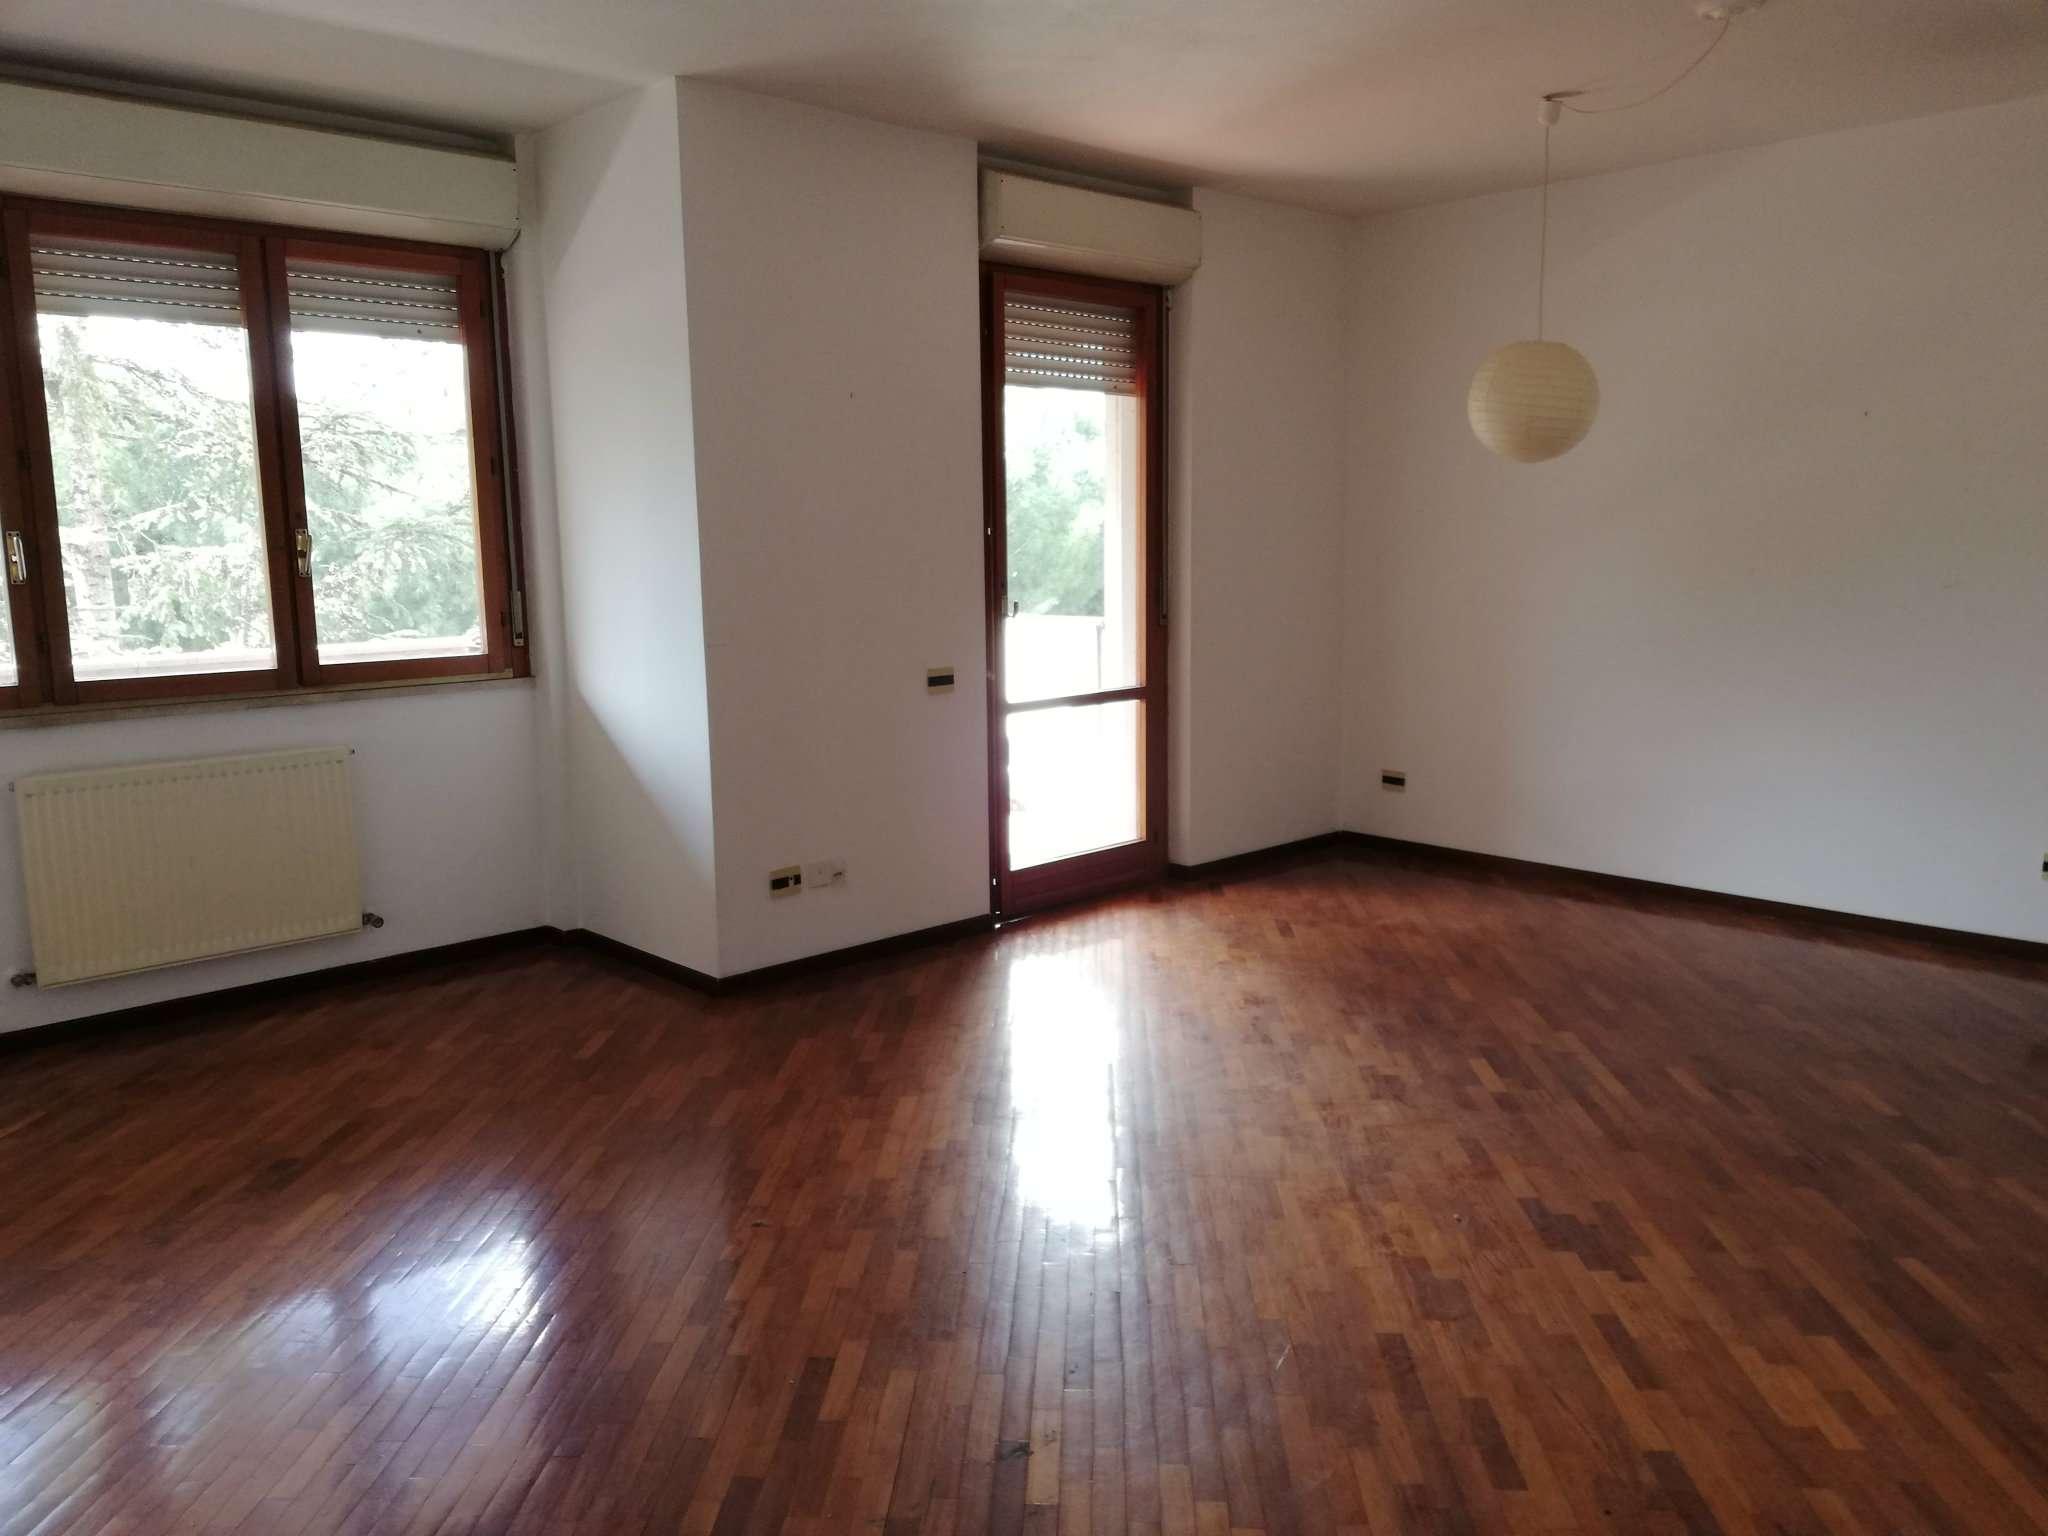 Appartamento in vendita a Roma, 4 locali, zona Zona: 18 . Ardeatino - Grotta Perfetta - Fonte Meravigliosa, prezzo € 395.000 | CambioCasa.it